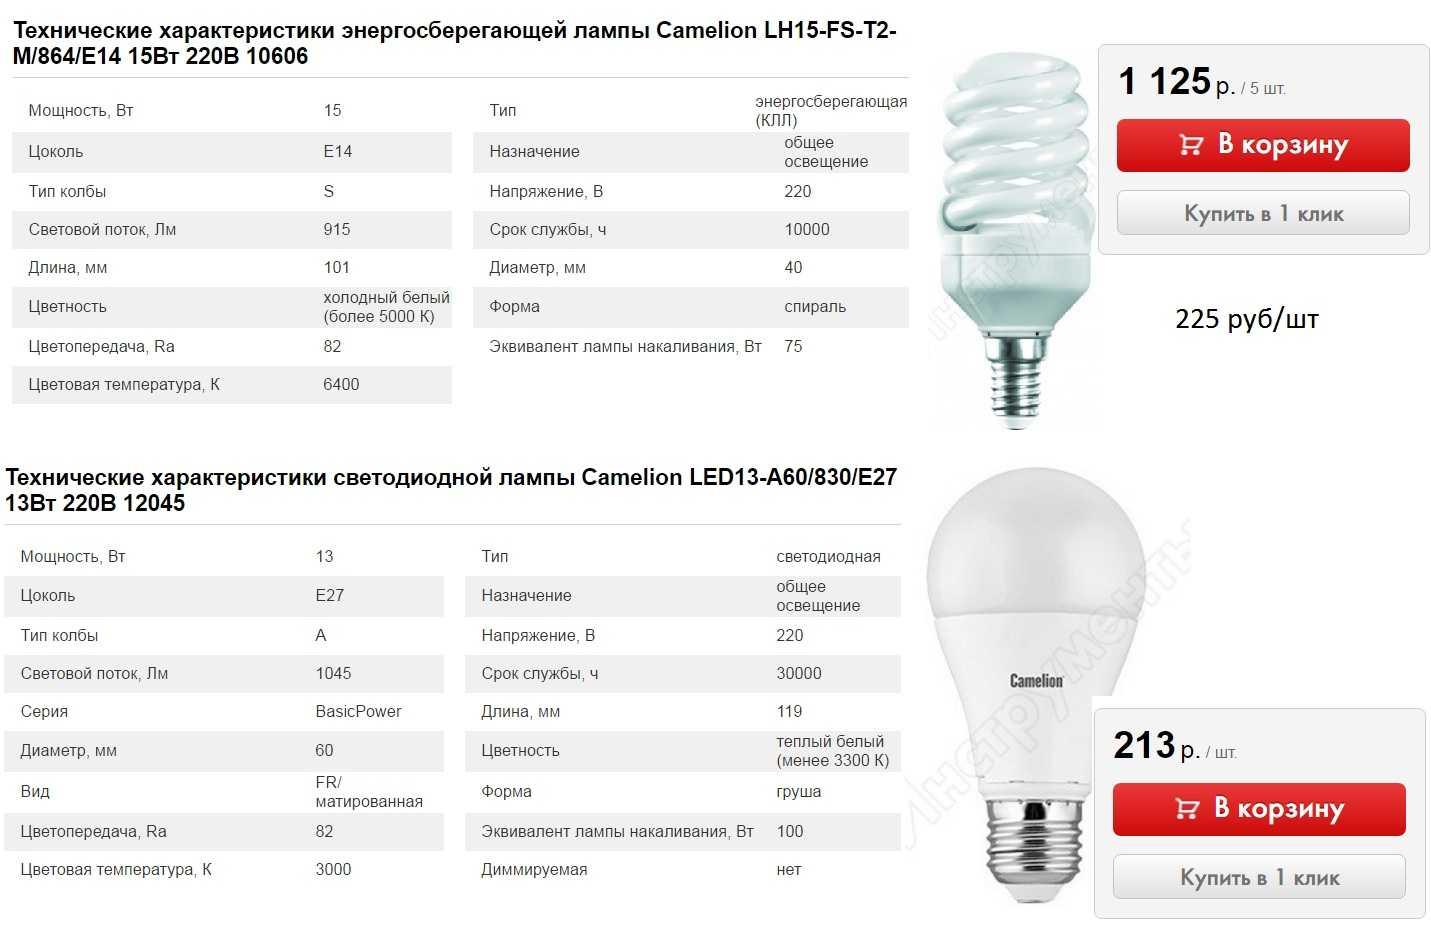 Светосберегающие лампы как выбрать